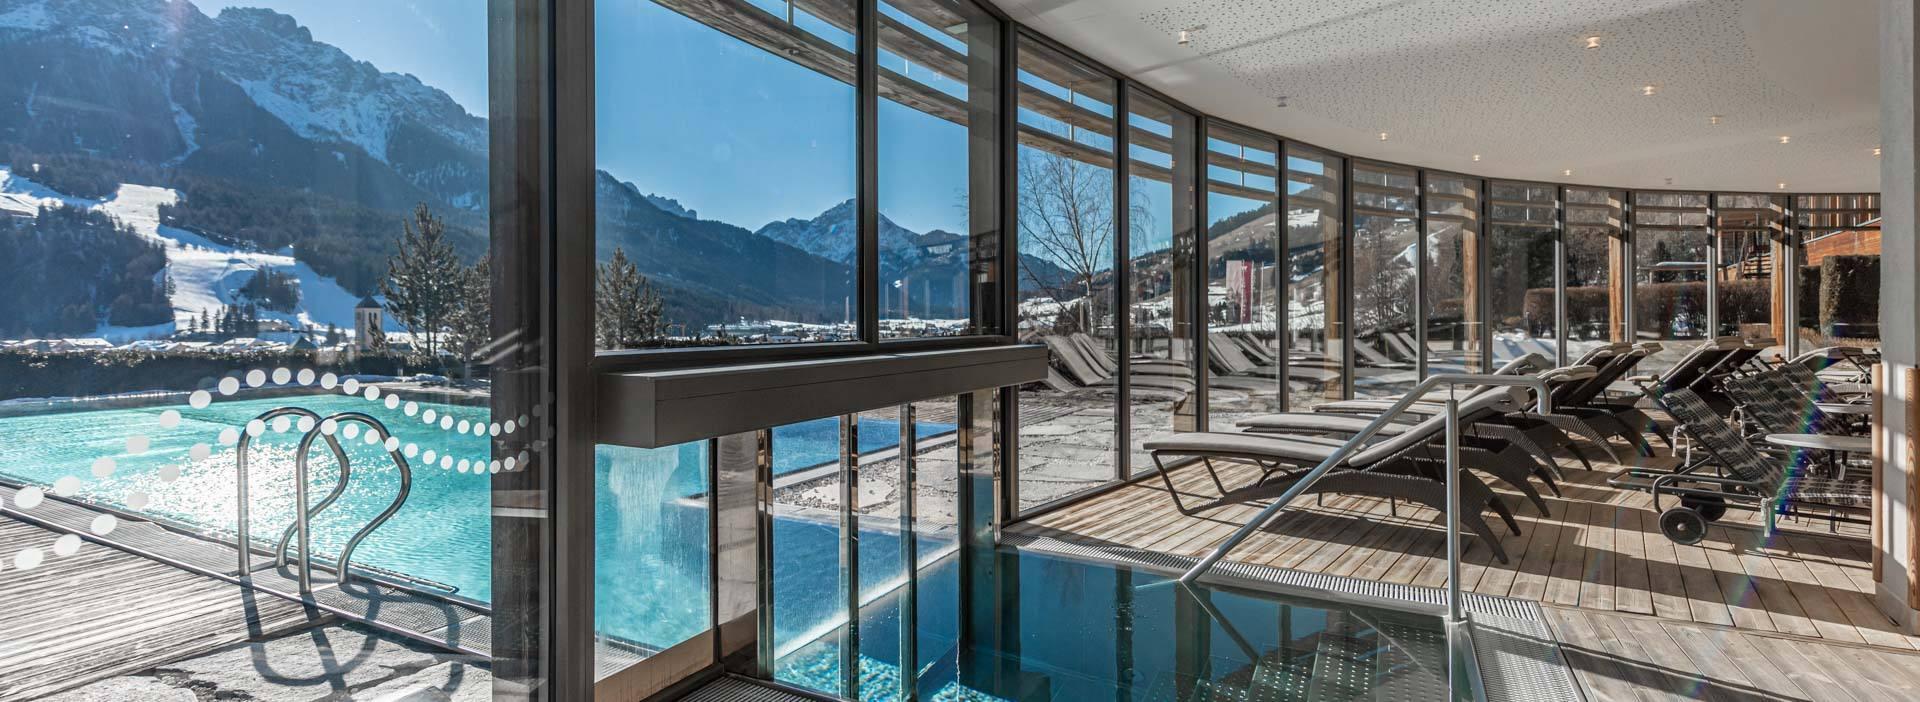 Leitlhof - Dolomiten Living